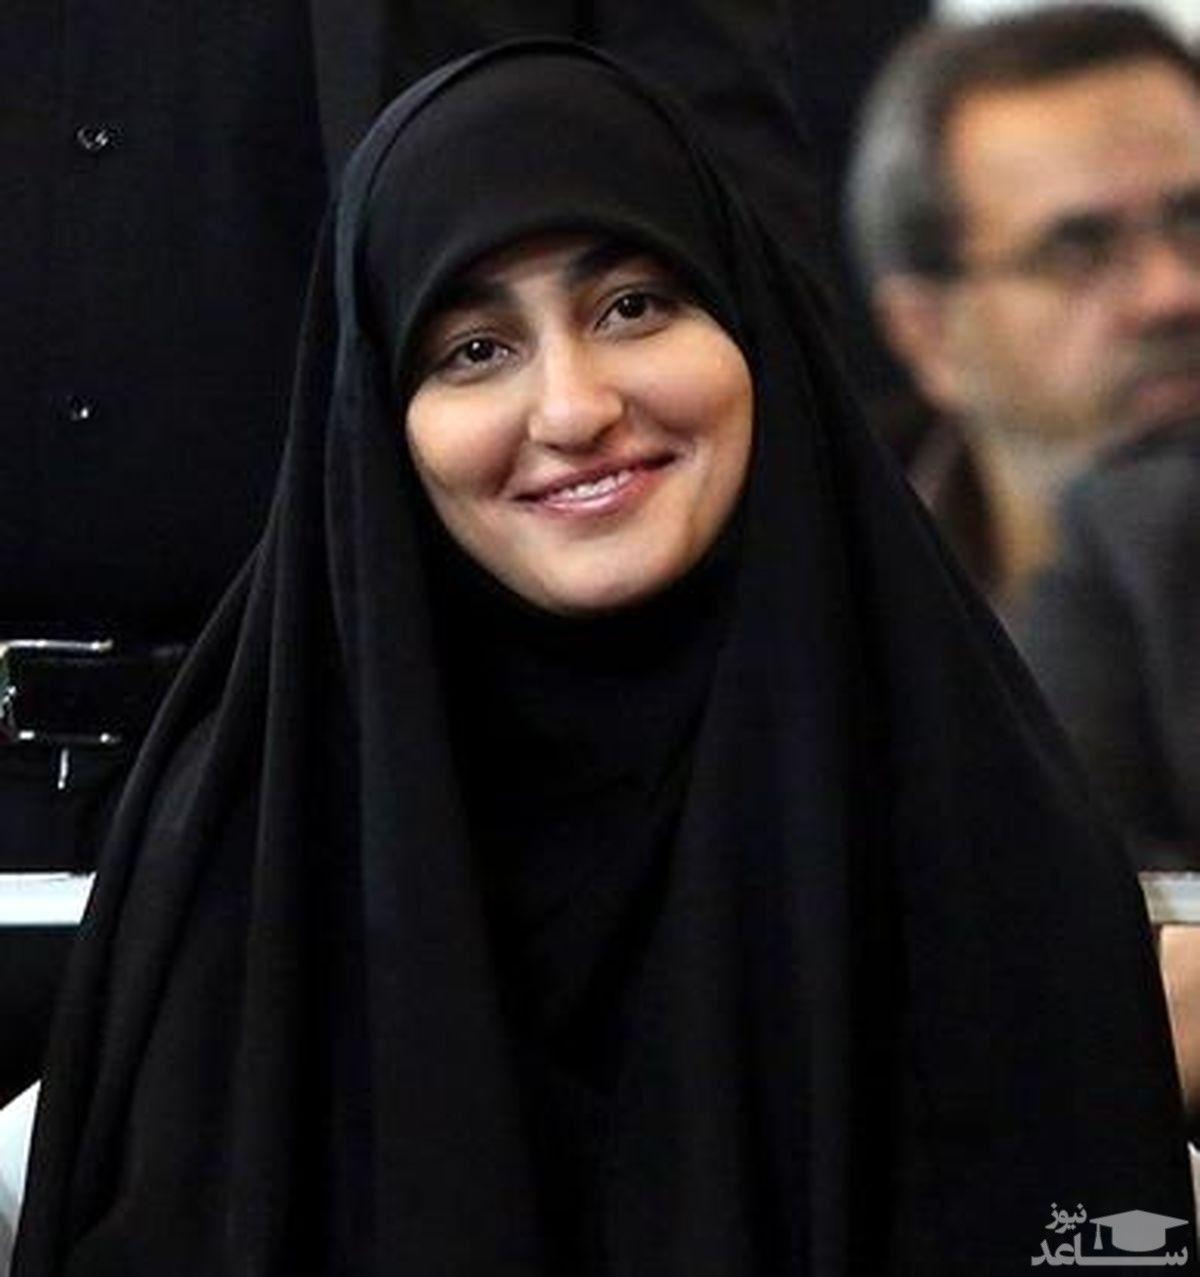 پشت پرده ازدواج جنجالی دختر حاج قاسم + جزئیات